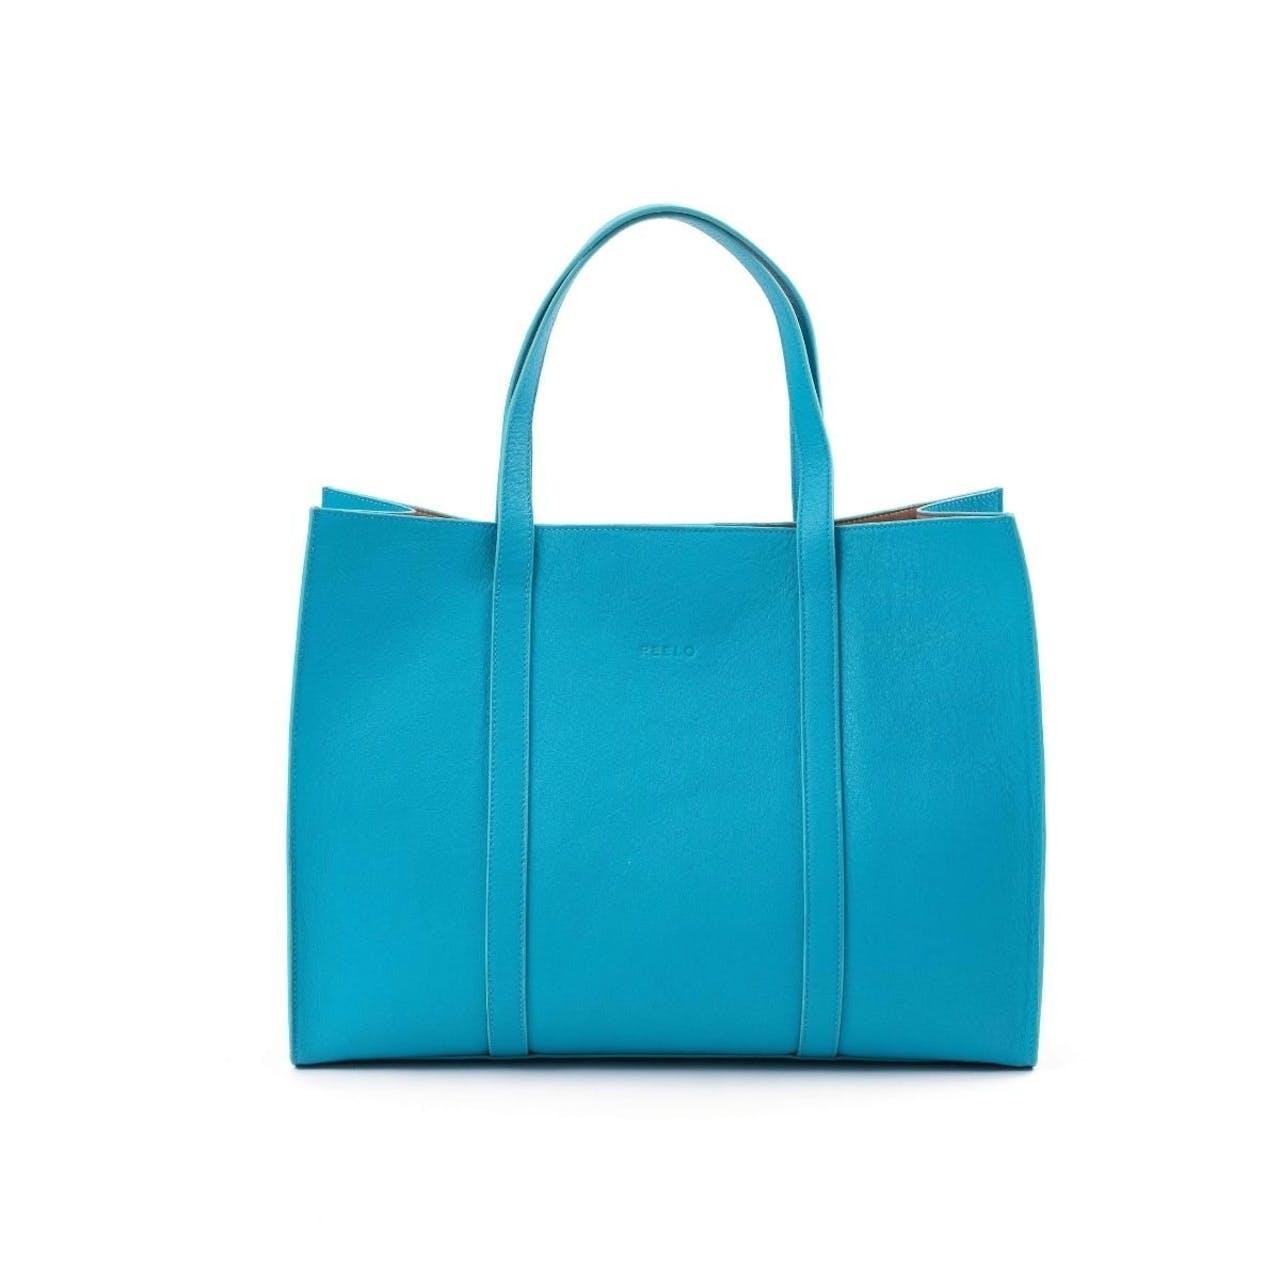 Peelo Leather Aqua Tote Bag